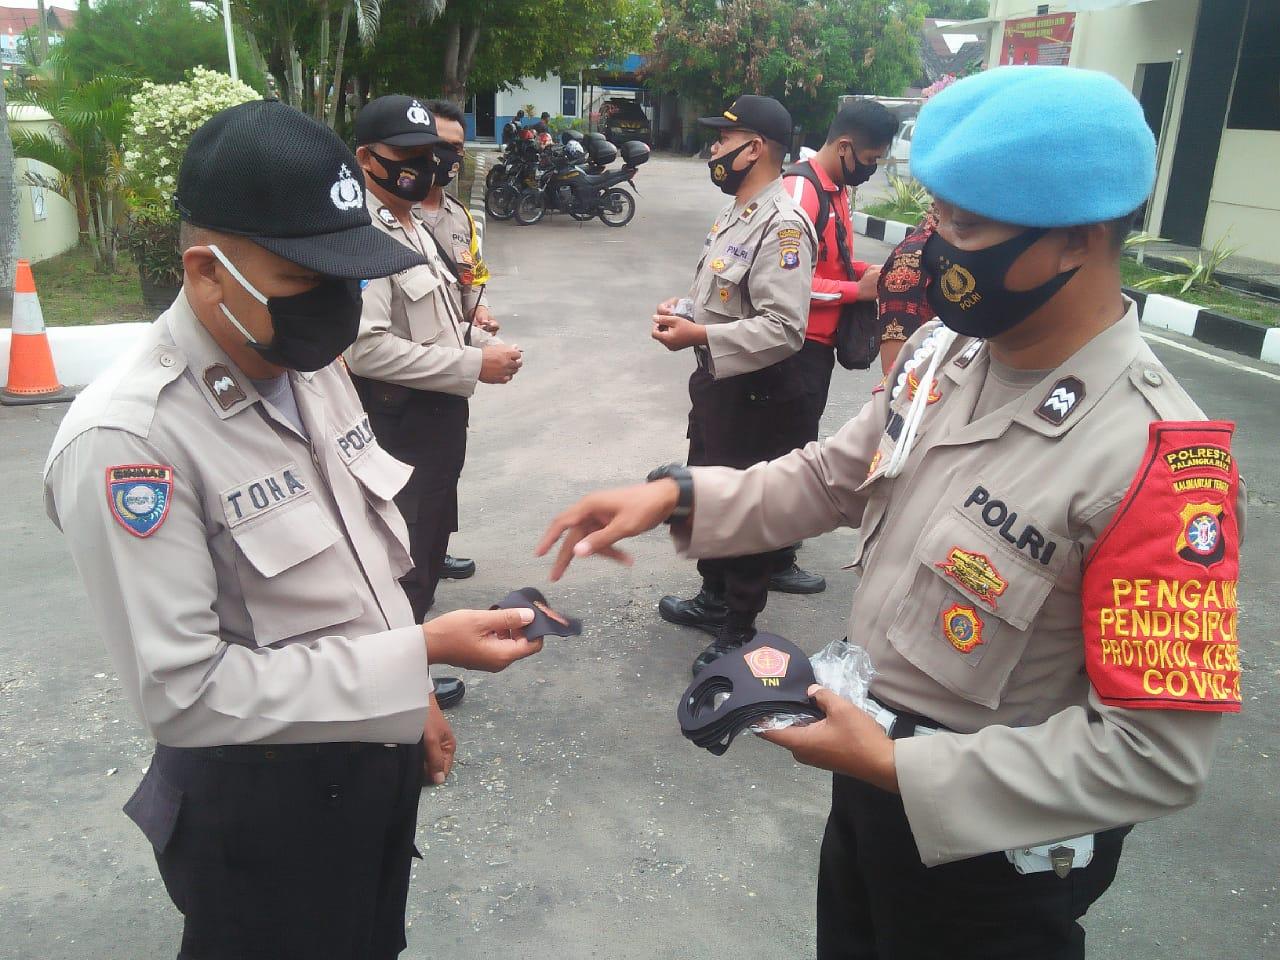 Disiplin Protokol Kesehatan Internal, Polsek Pahandut Bagikan Masker Untuk Personel